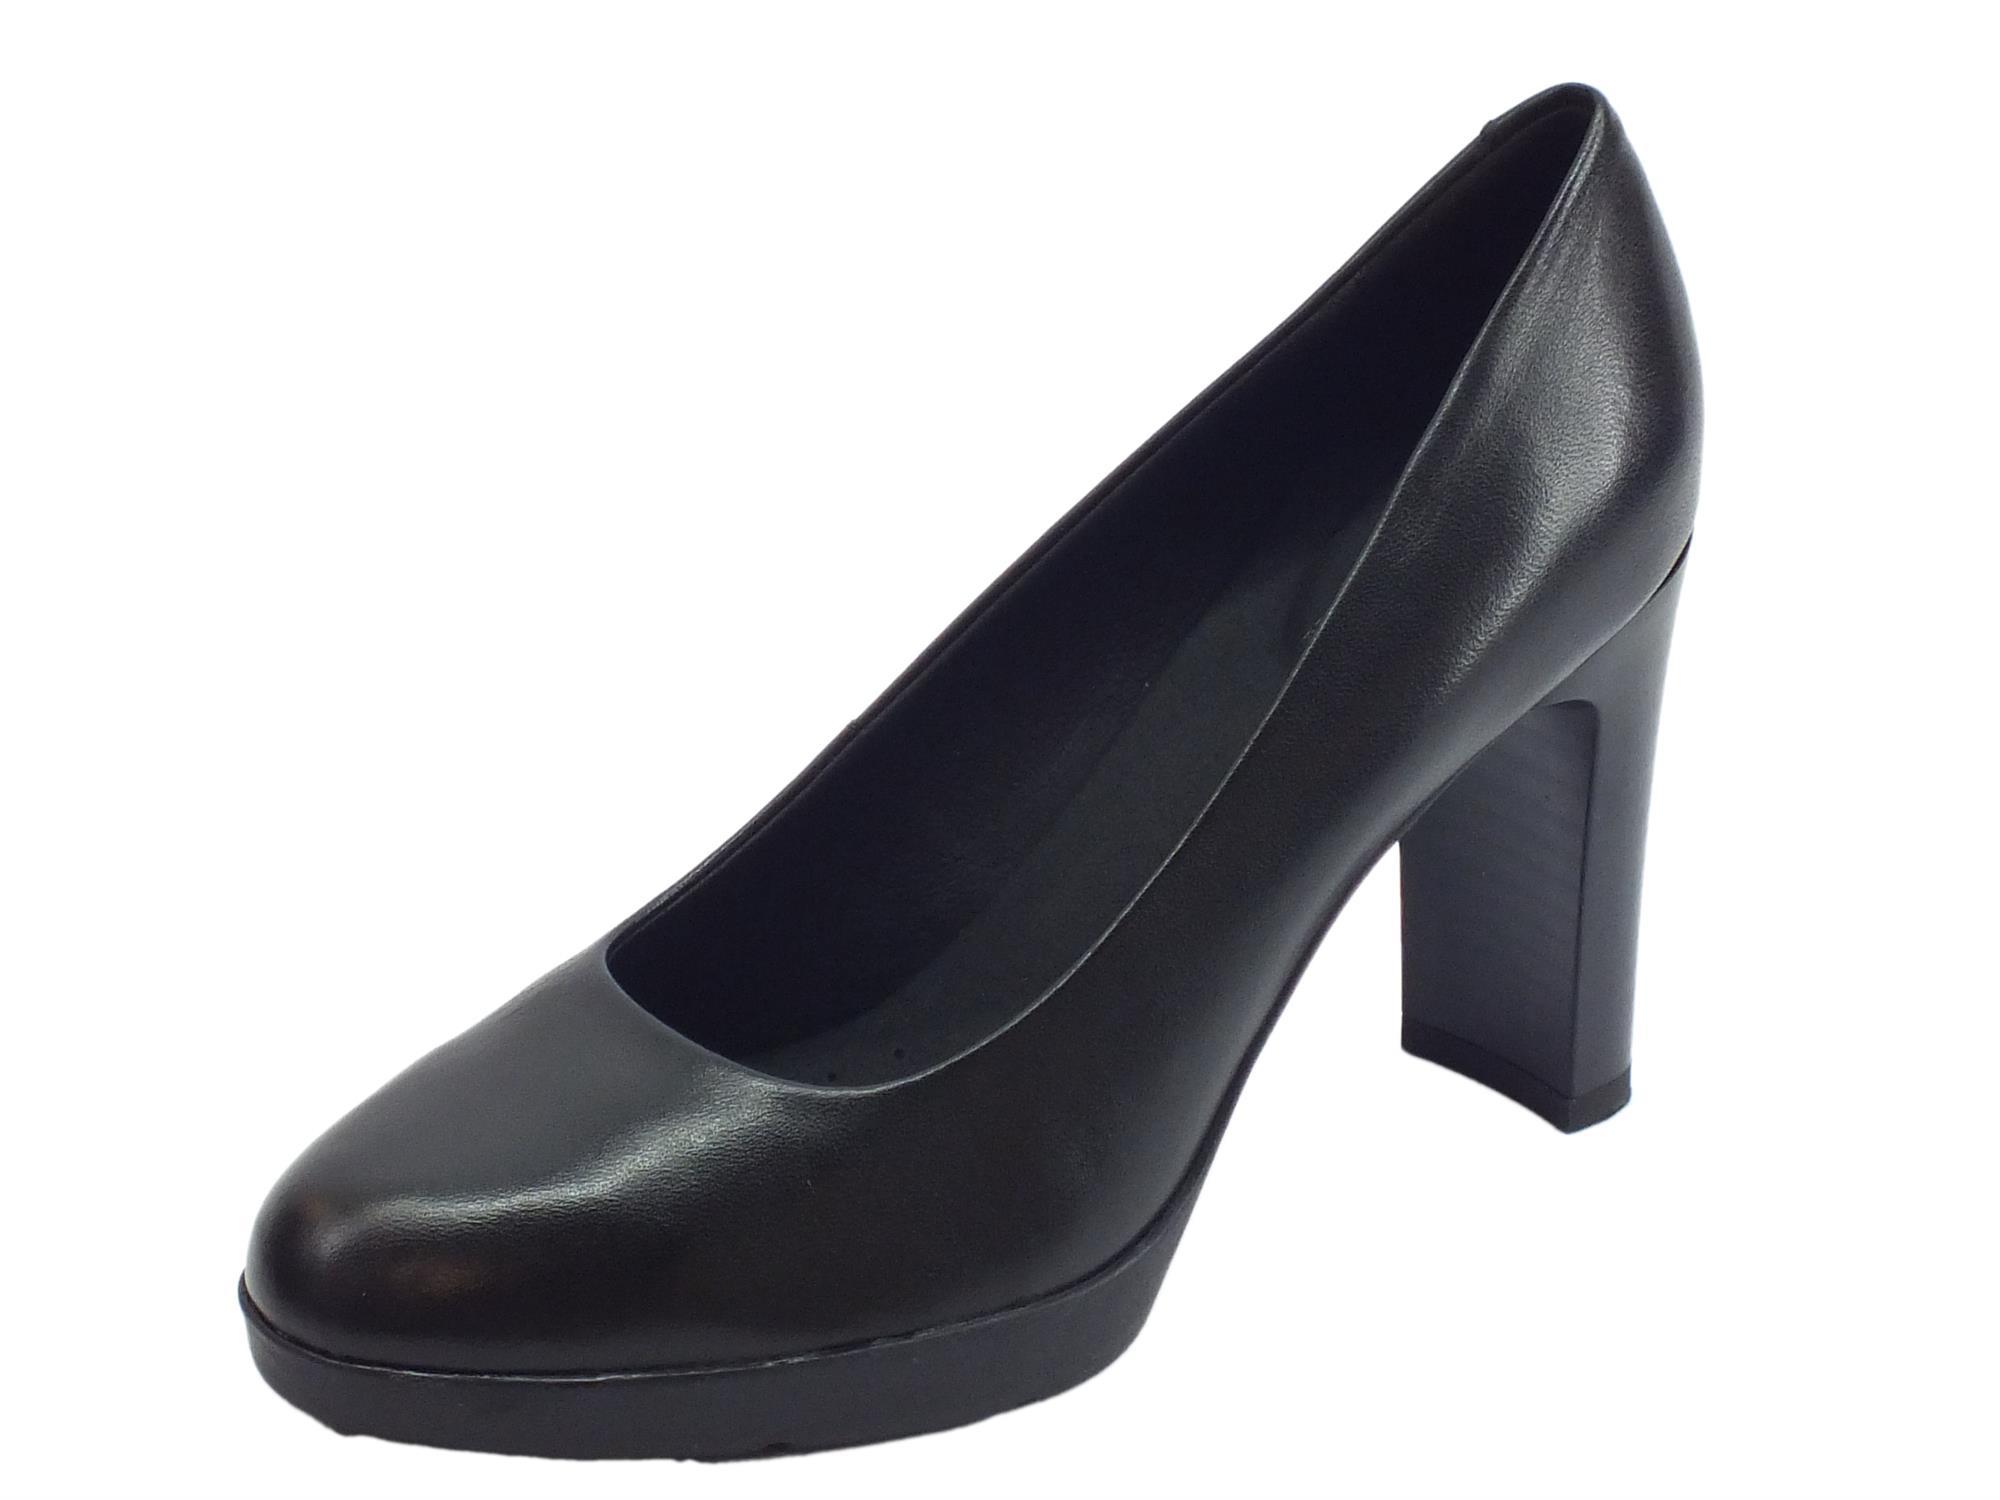 Decoltè Geox Annya donna pelle nera tacco alto - Vitiello Calzature acdef554e8a